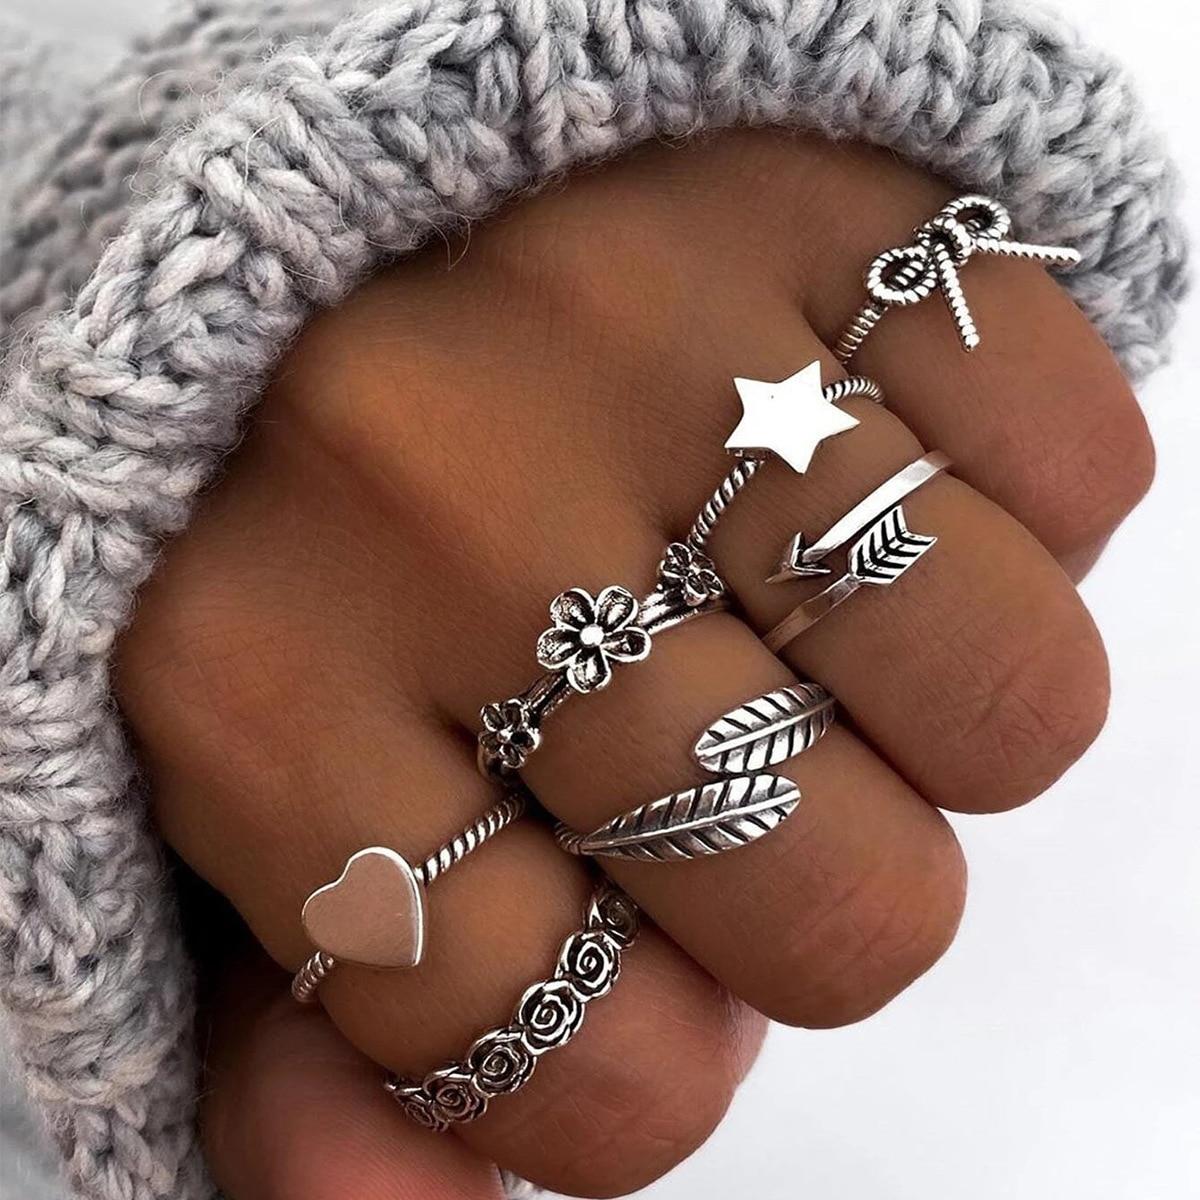 Кольца для женщин, модные ювелирные изделия, набор колец на палец, серьги для девочек, кольца, эстетические аксессуары, День святого Валенти...